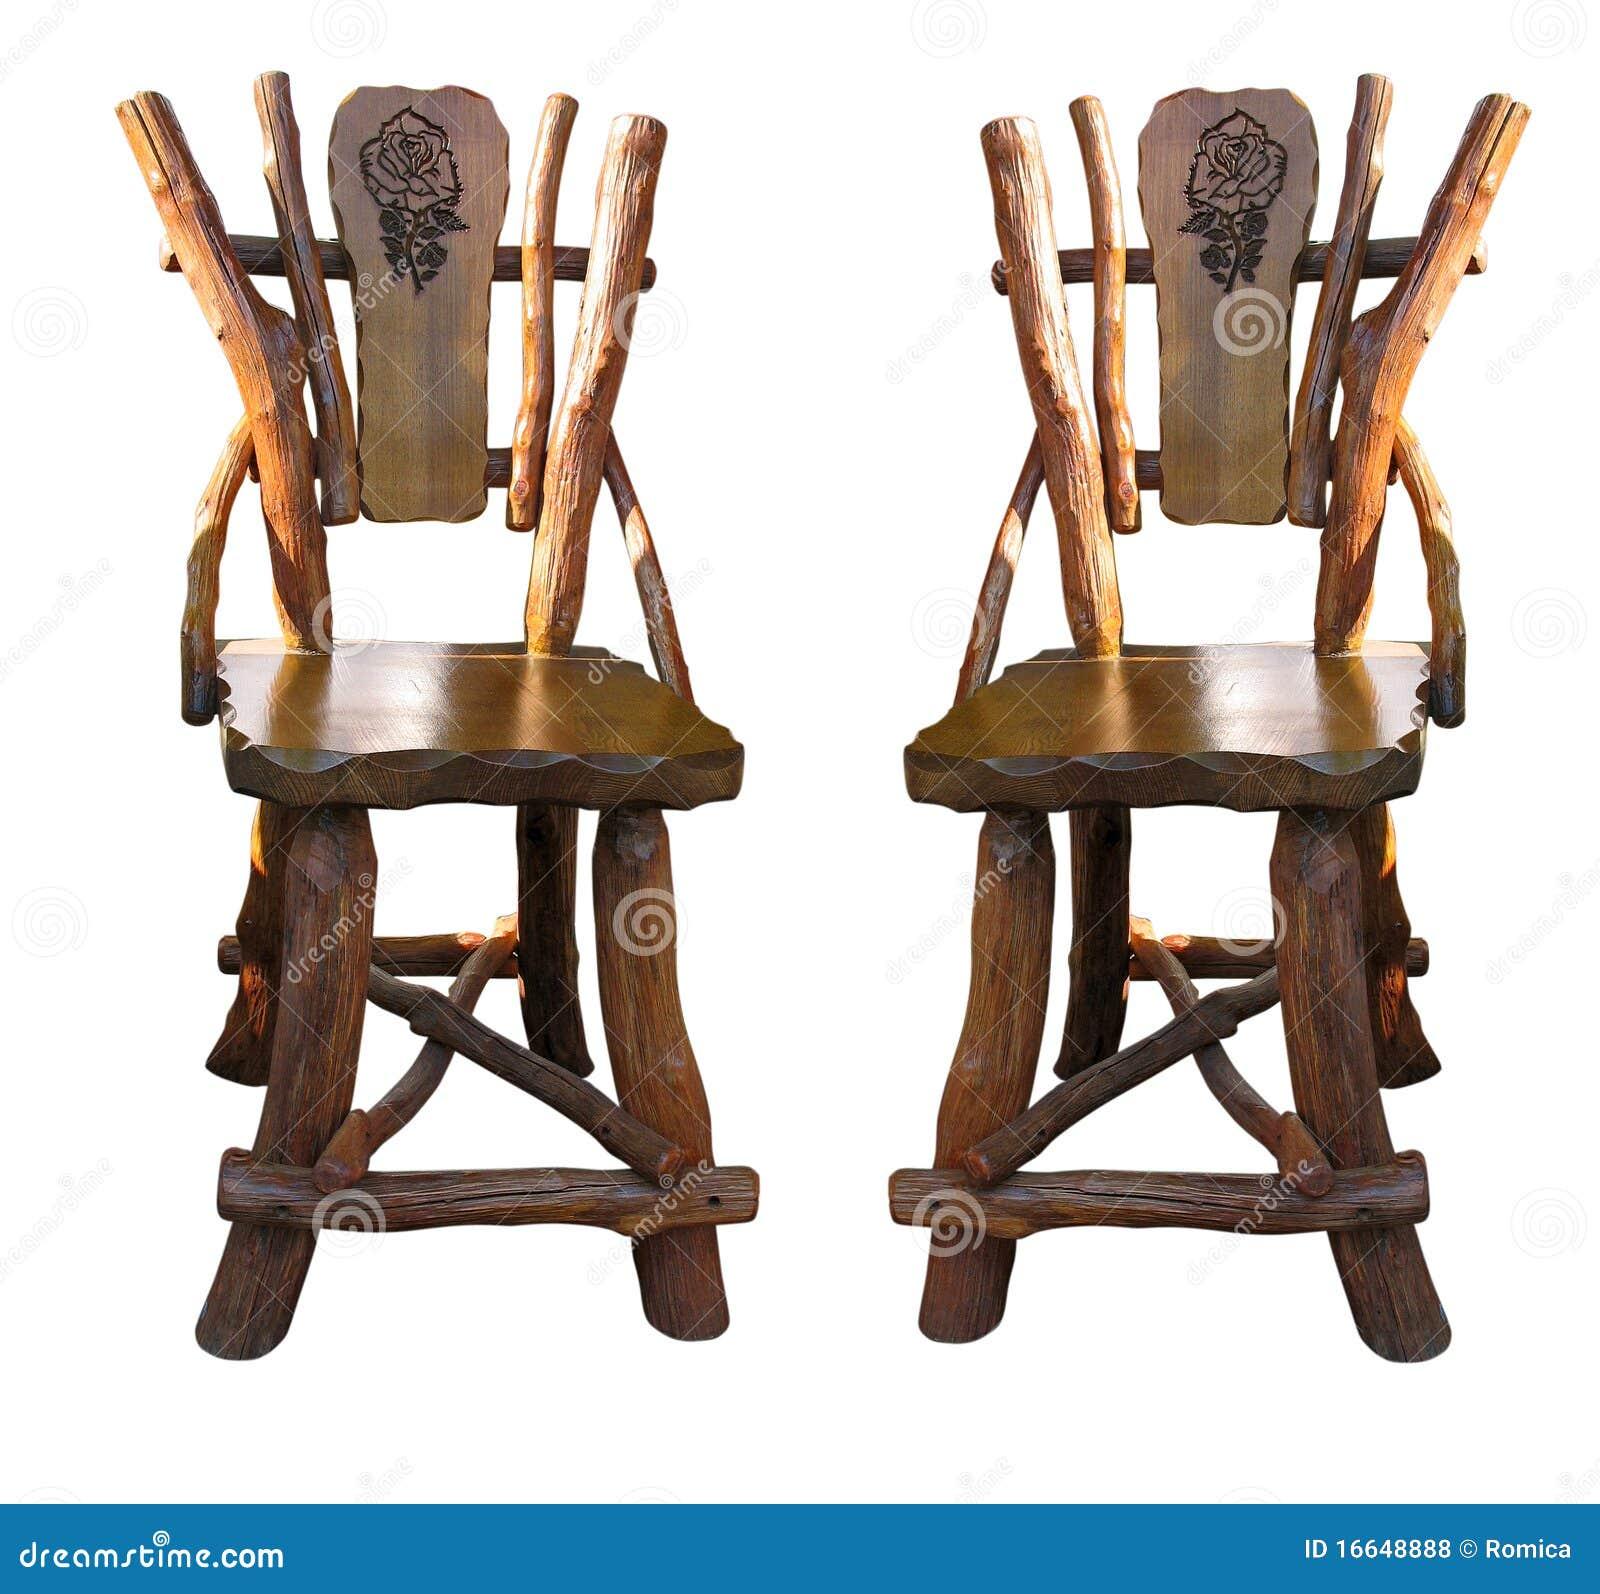 Sillas de madera antiguas viejas del trabajo hecho a mano - Sillas antiguas de madera ...